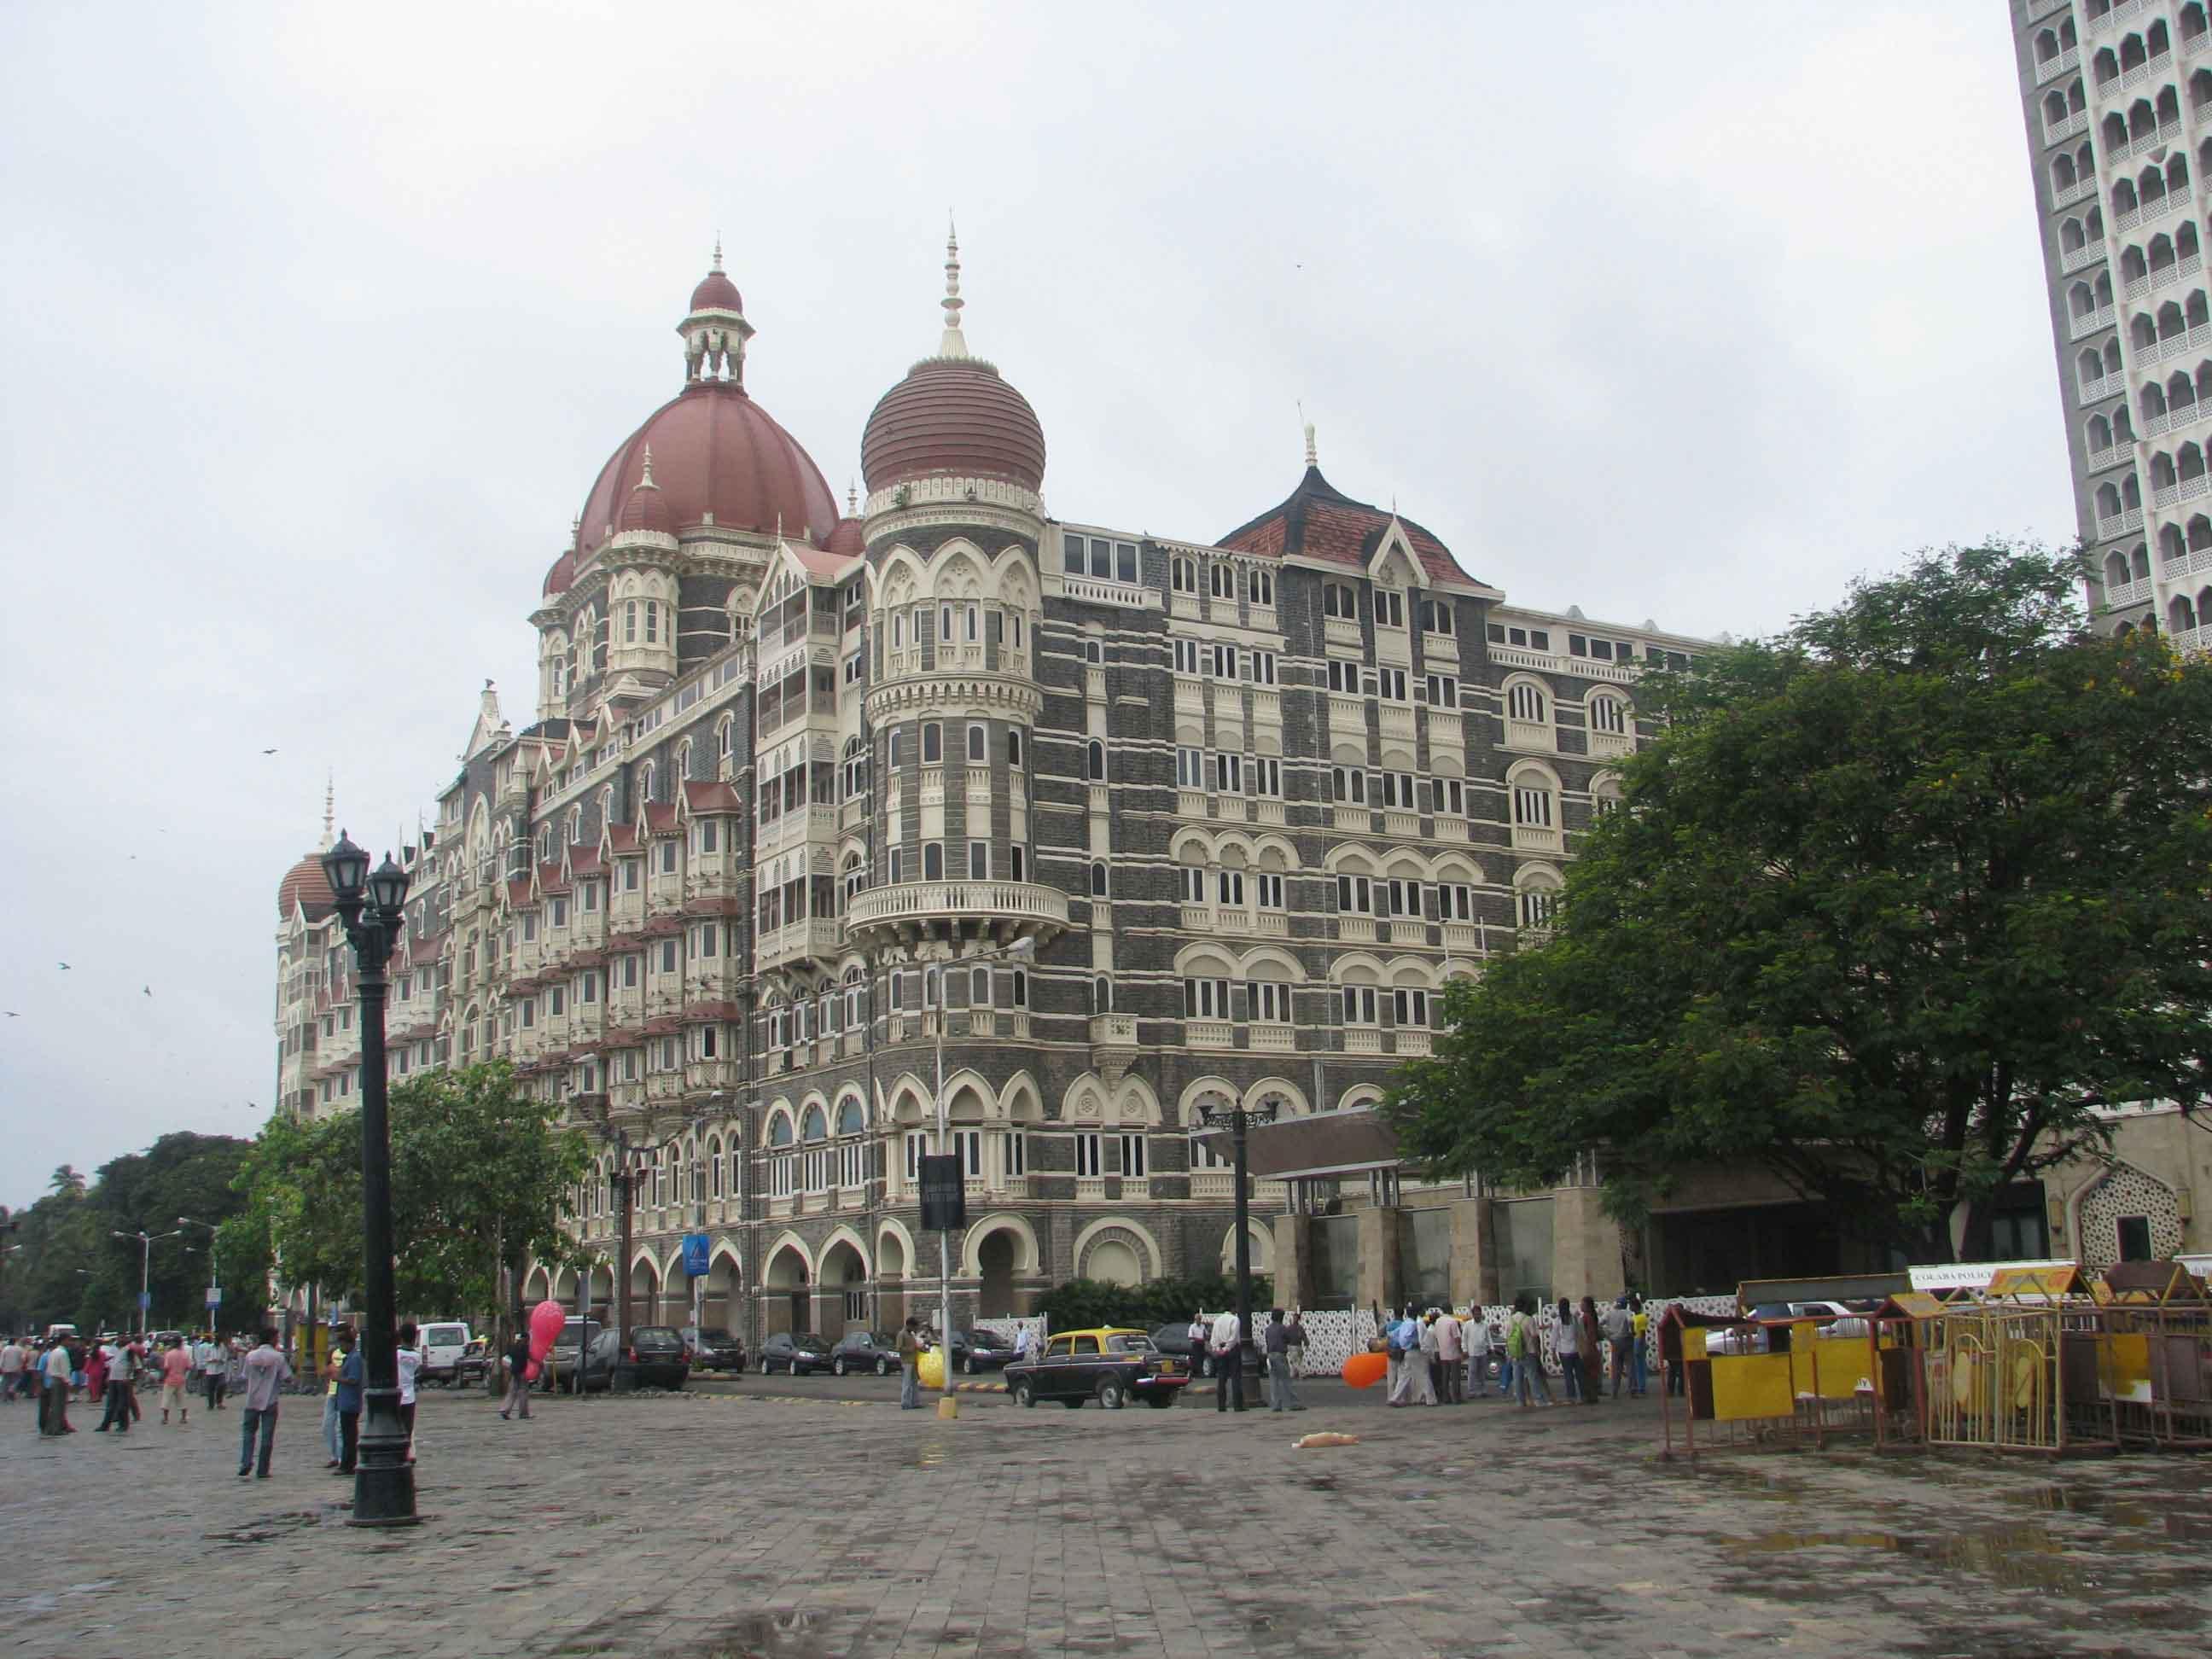 File:Hotel-taj jpg - Wikipedia